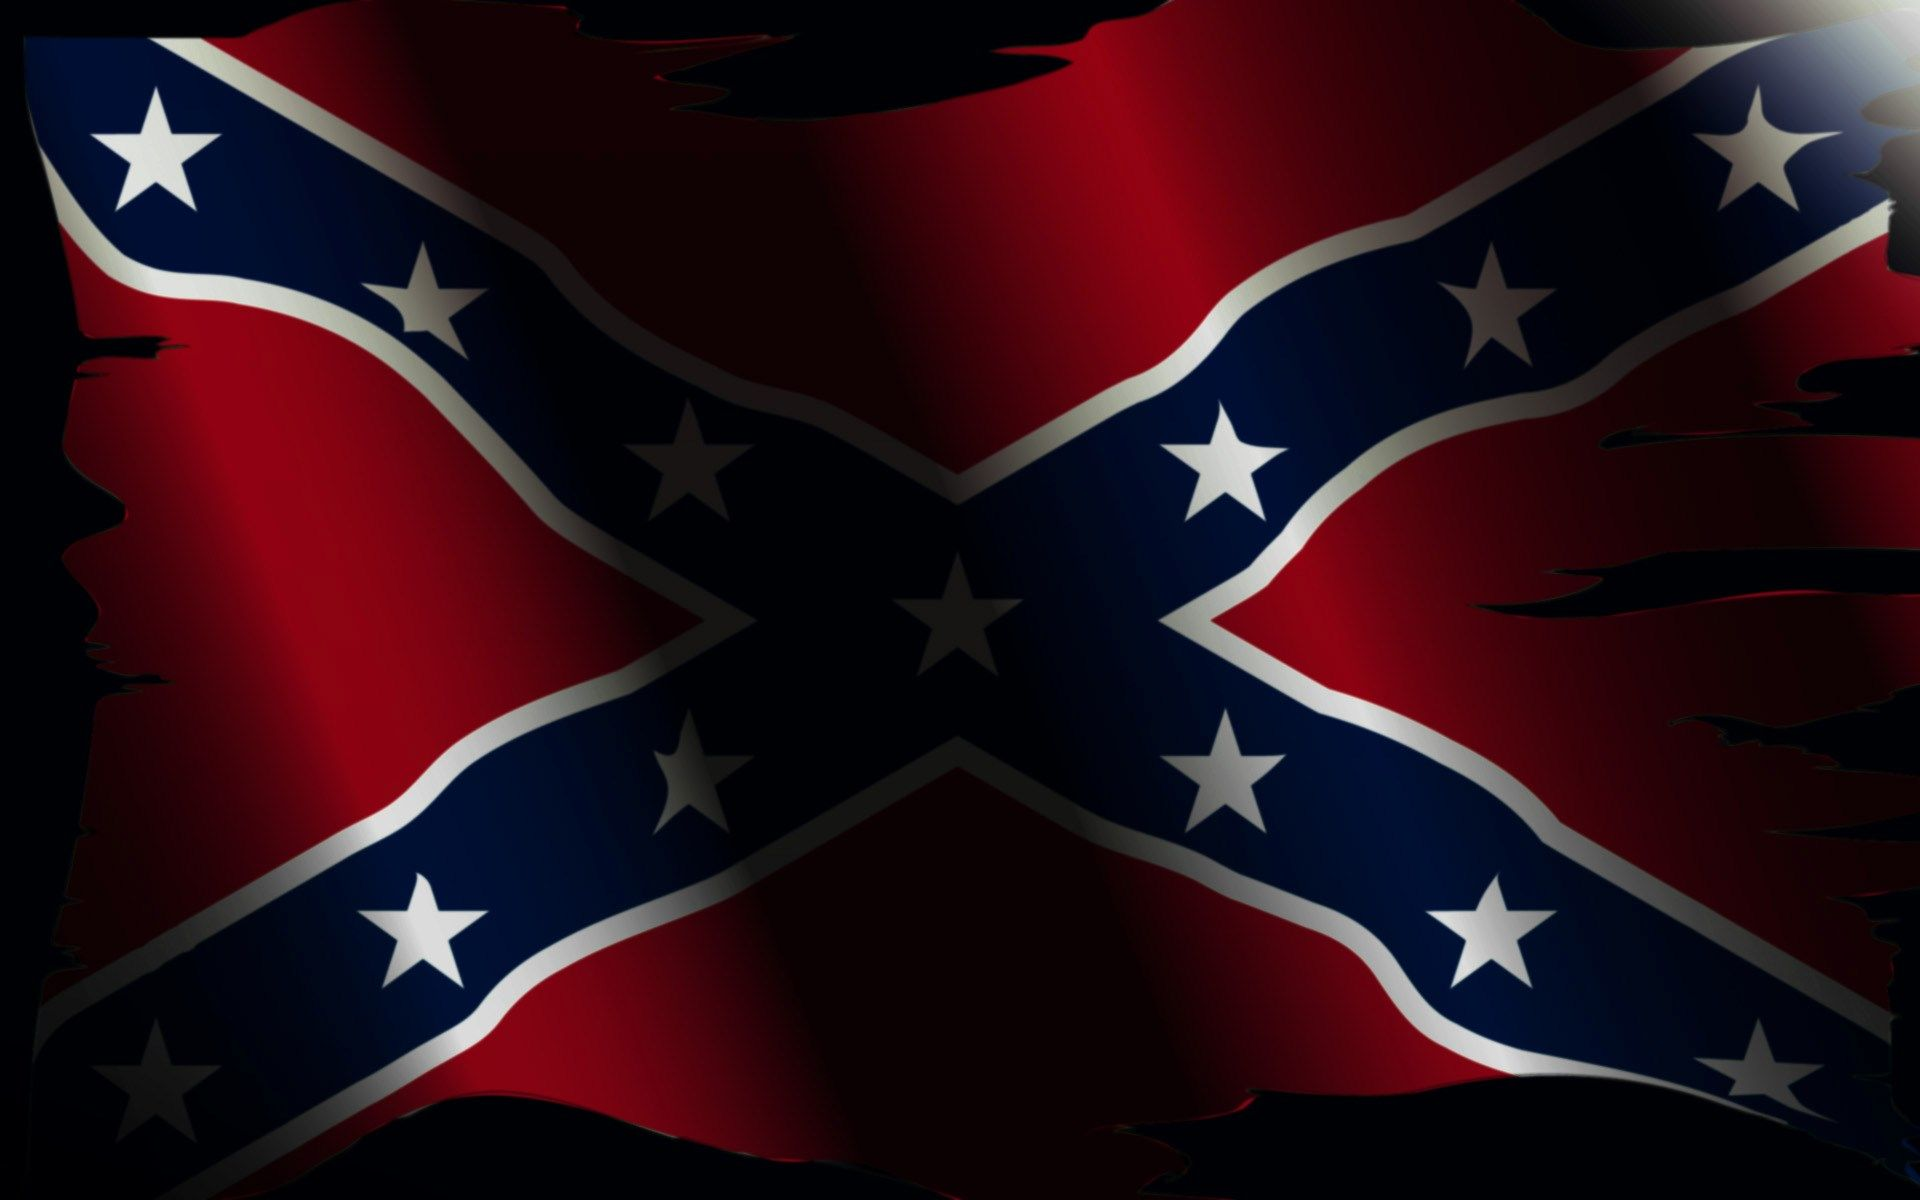 Фото флаг конфедерации